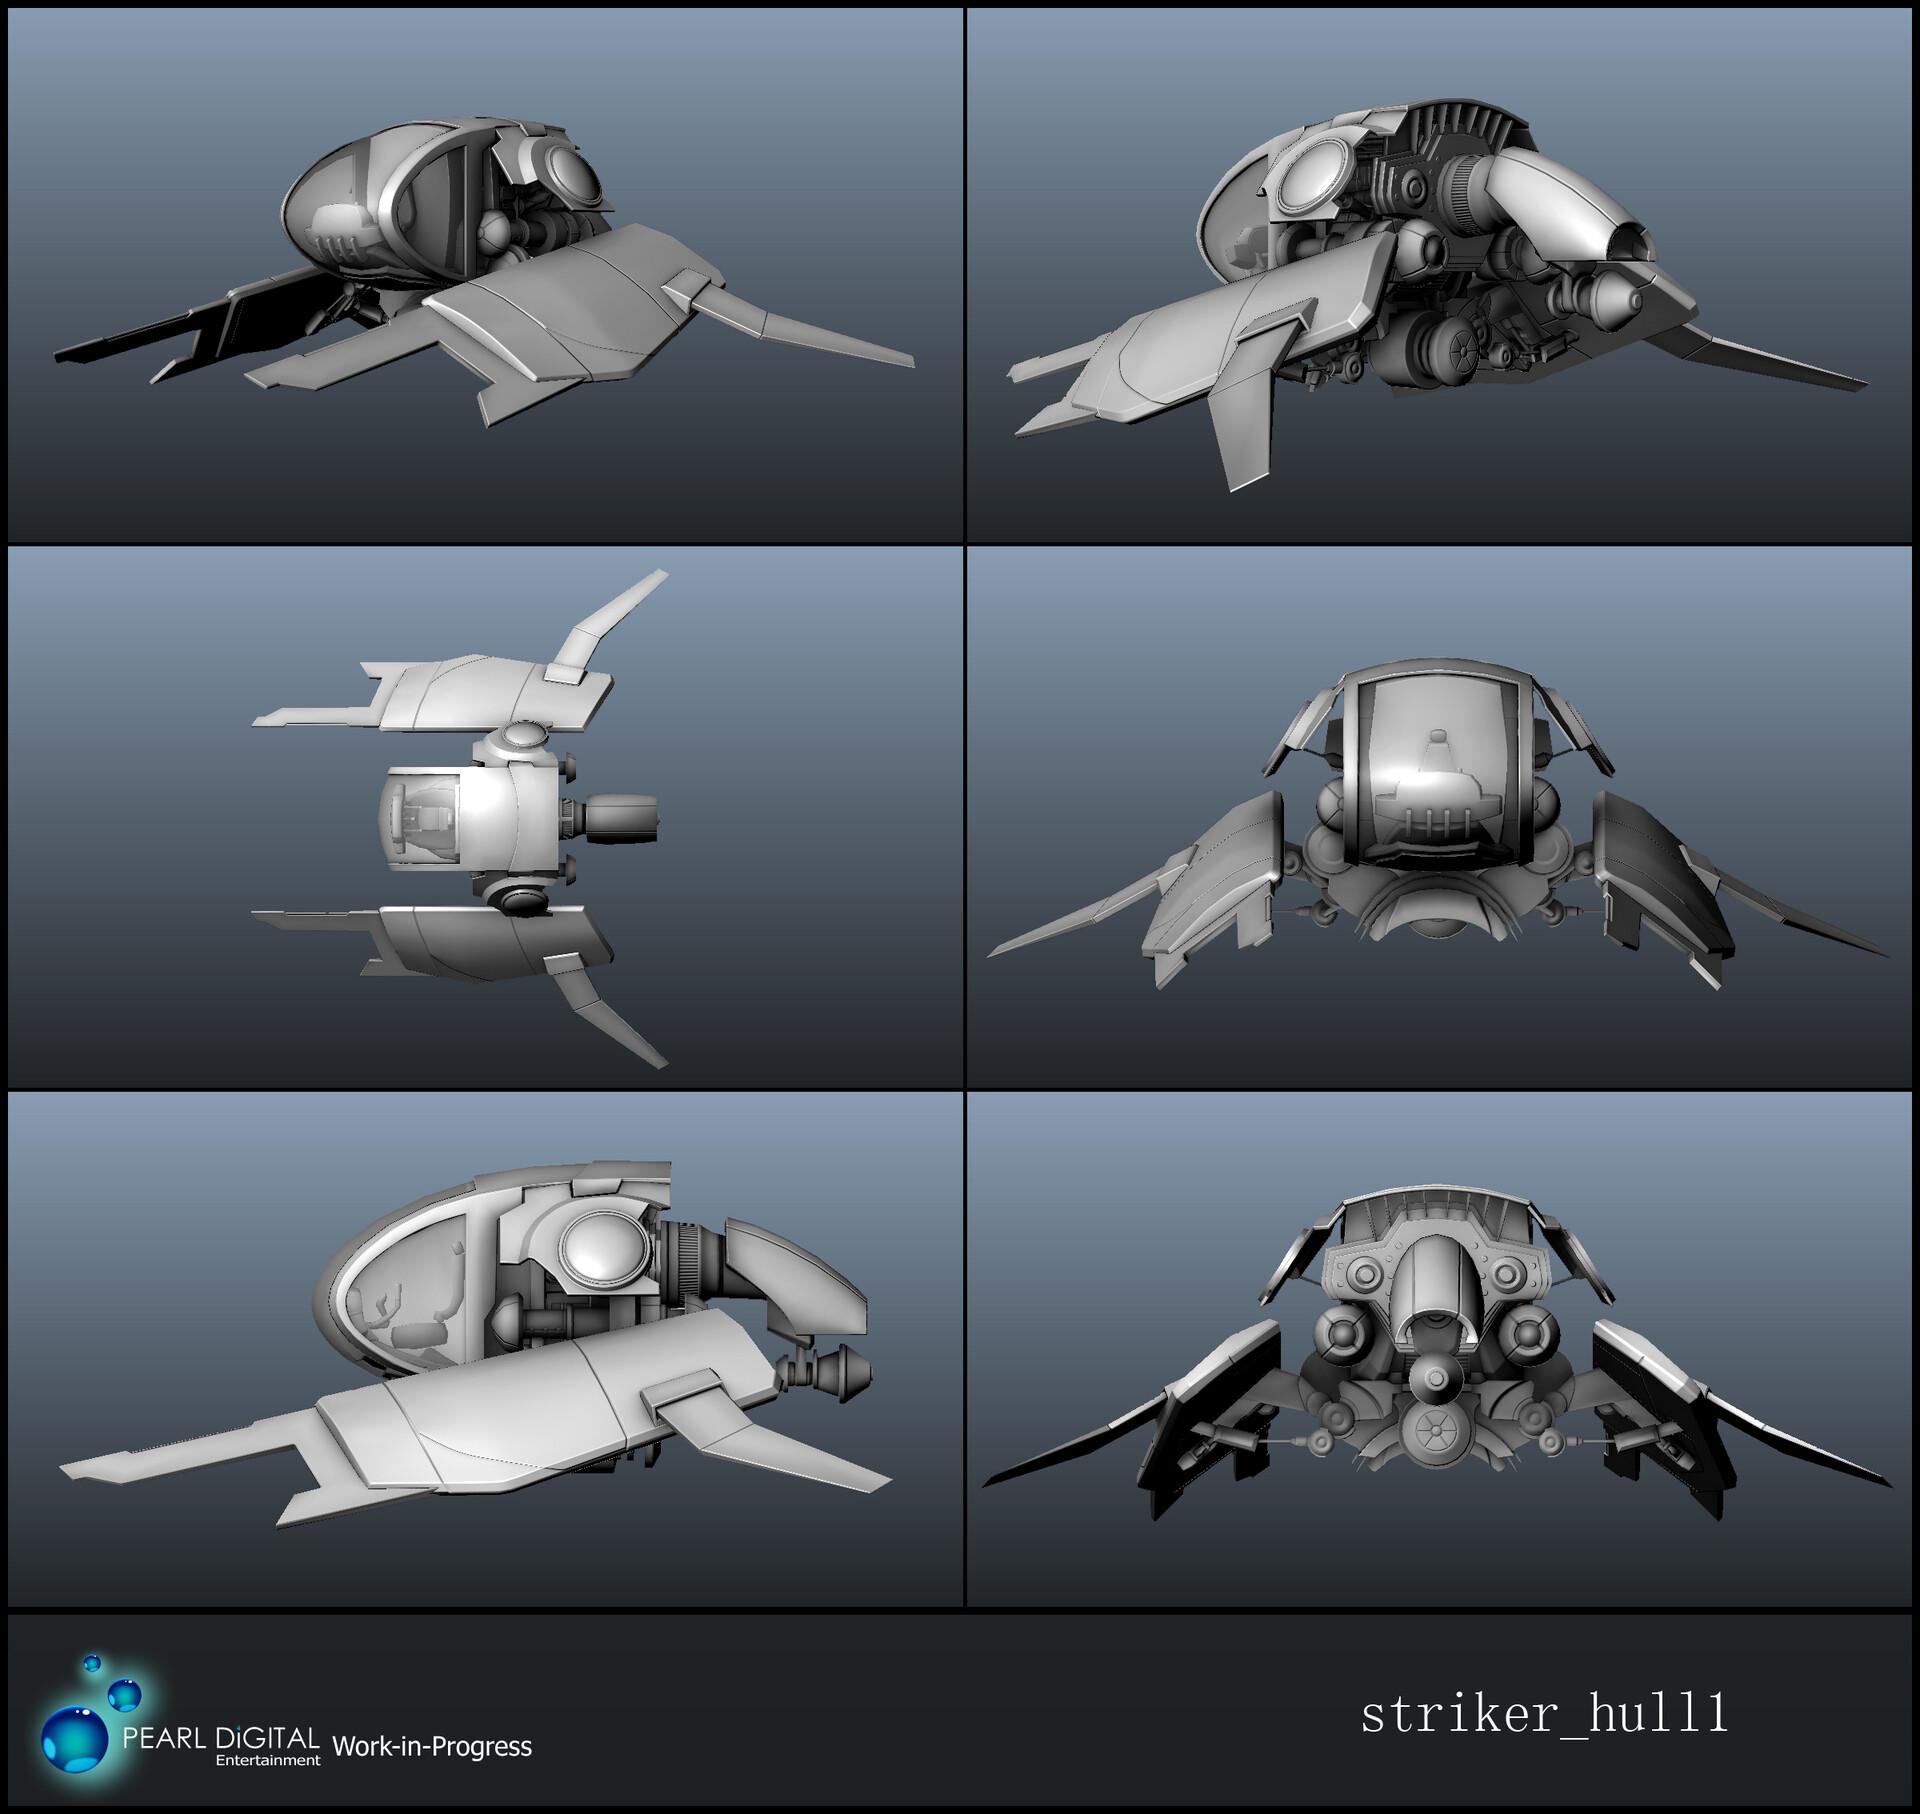 Sherif habashi 18 striker hull1